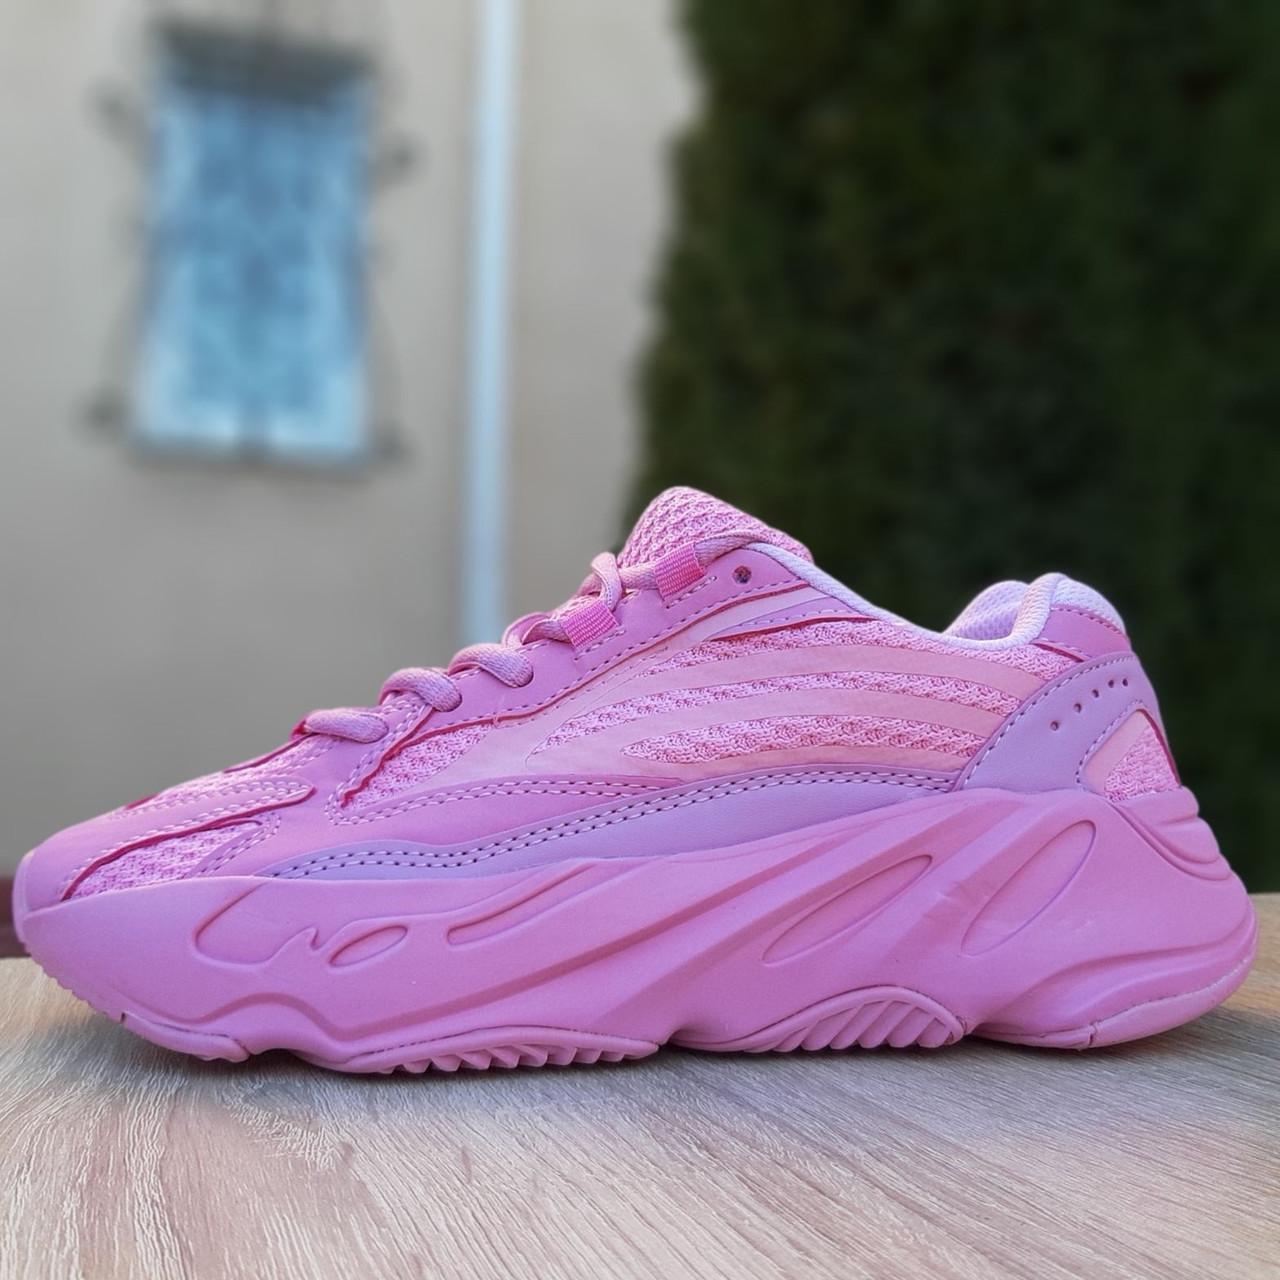 Кроссовки женские Adіdas Yeezy 700 V2 розовые (Top replic)